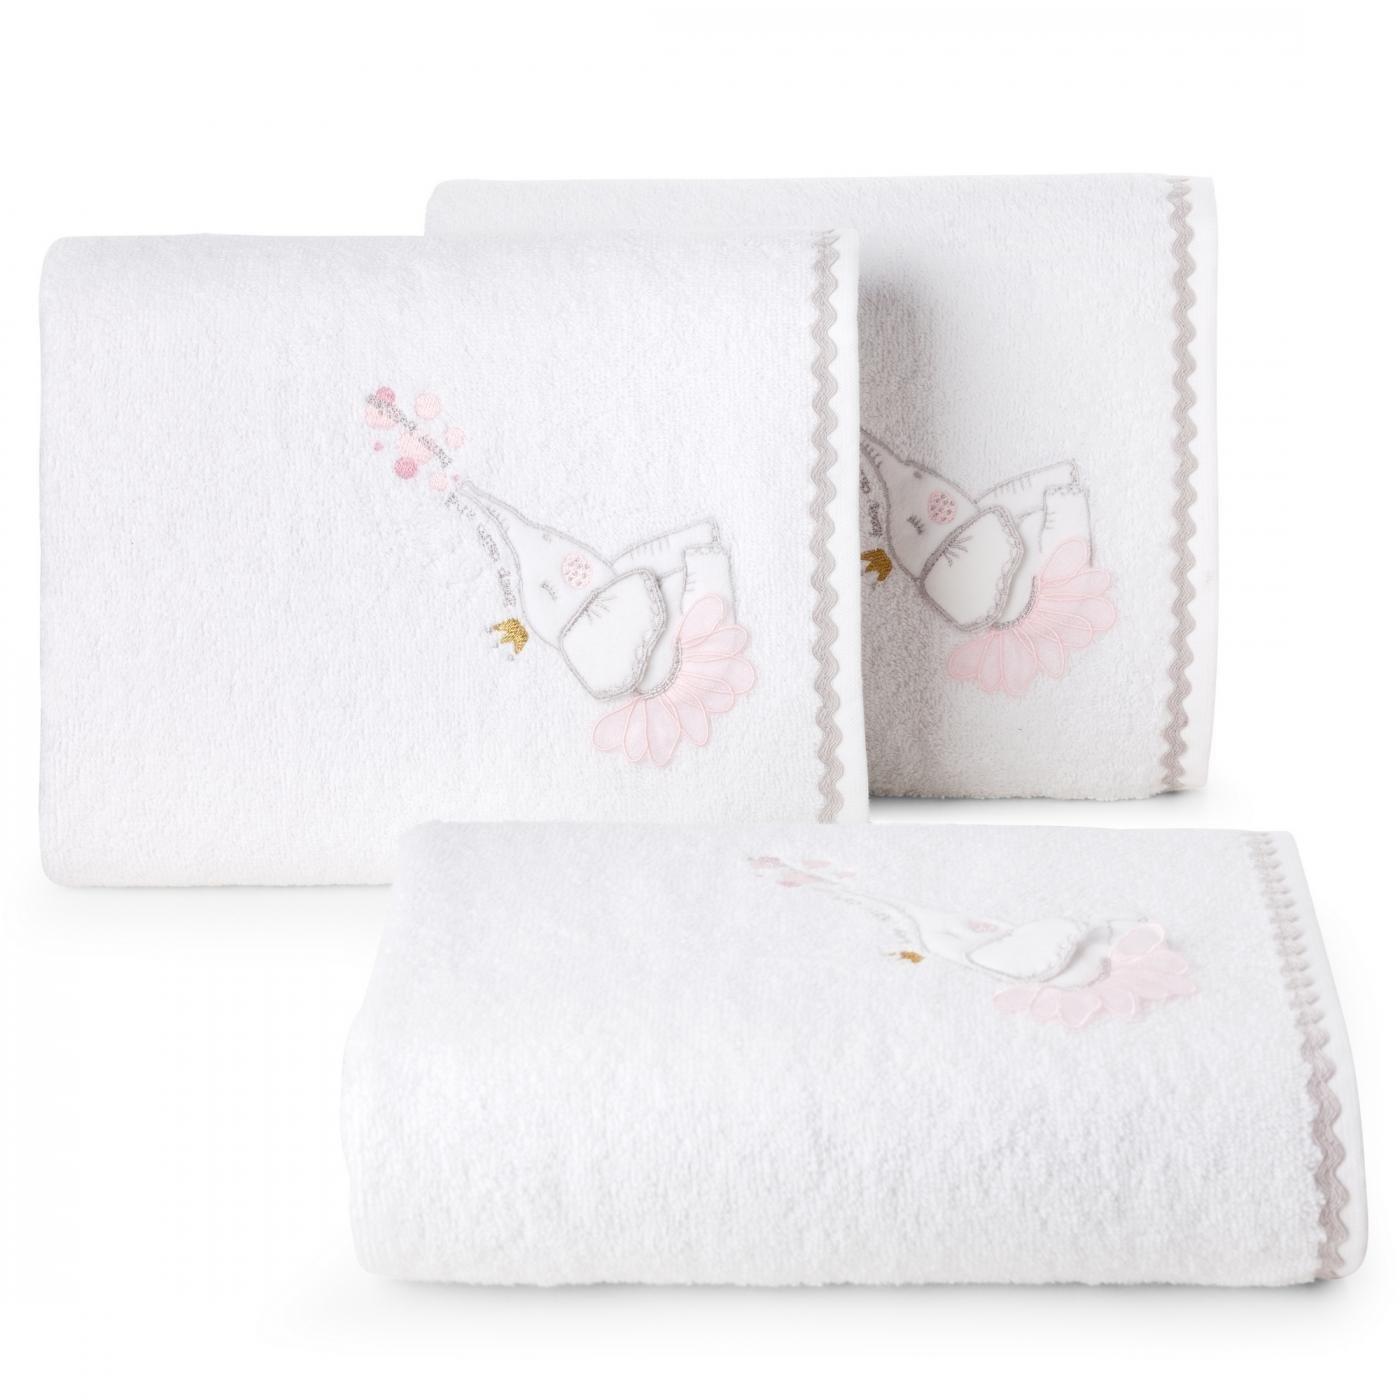 Ręcznik dziecięcy z trójwymiarową aplikacją ze słonikiem 50x90cm